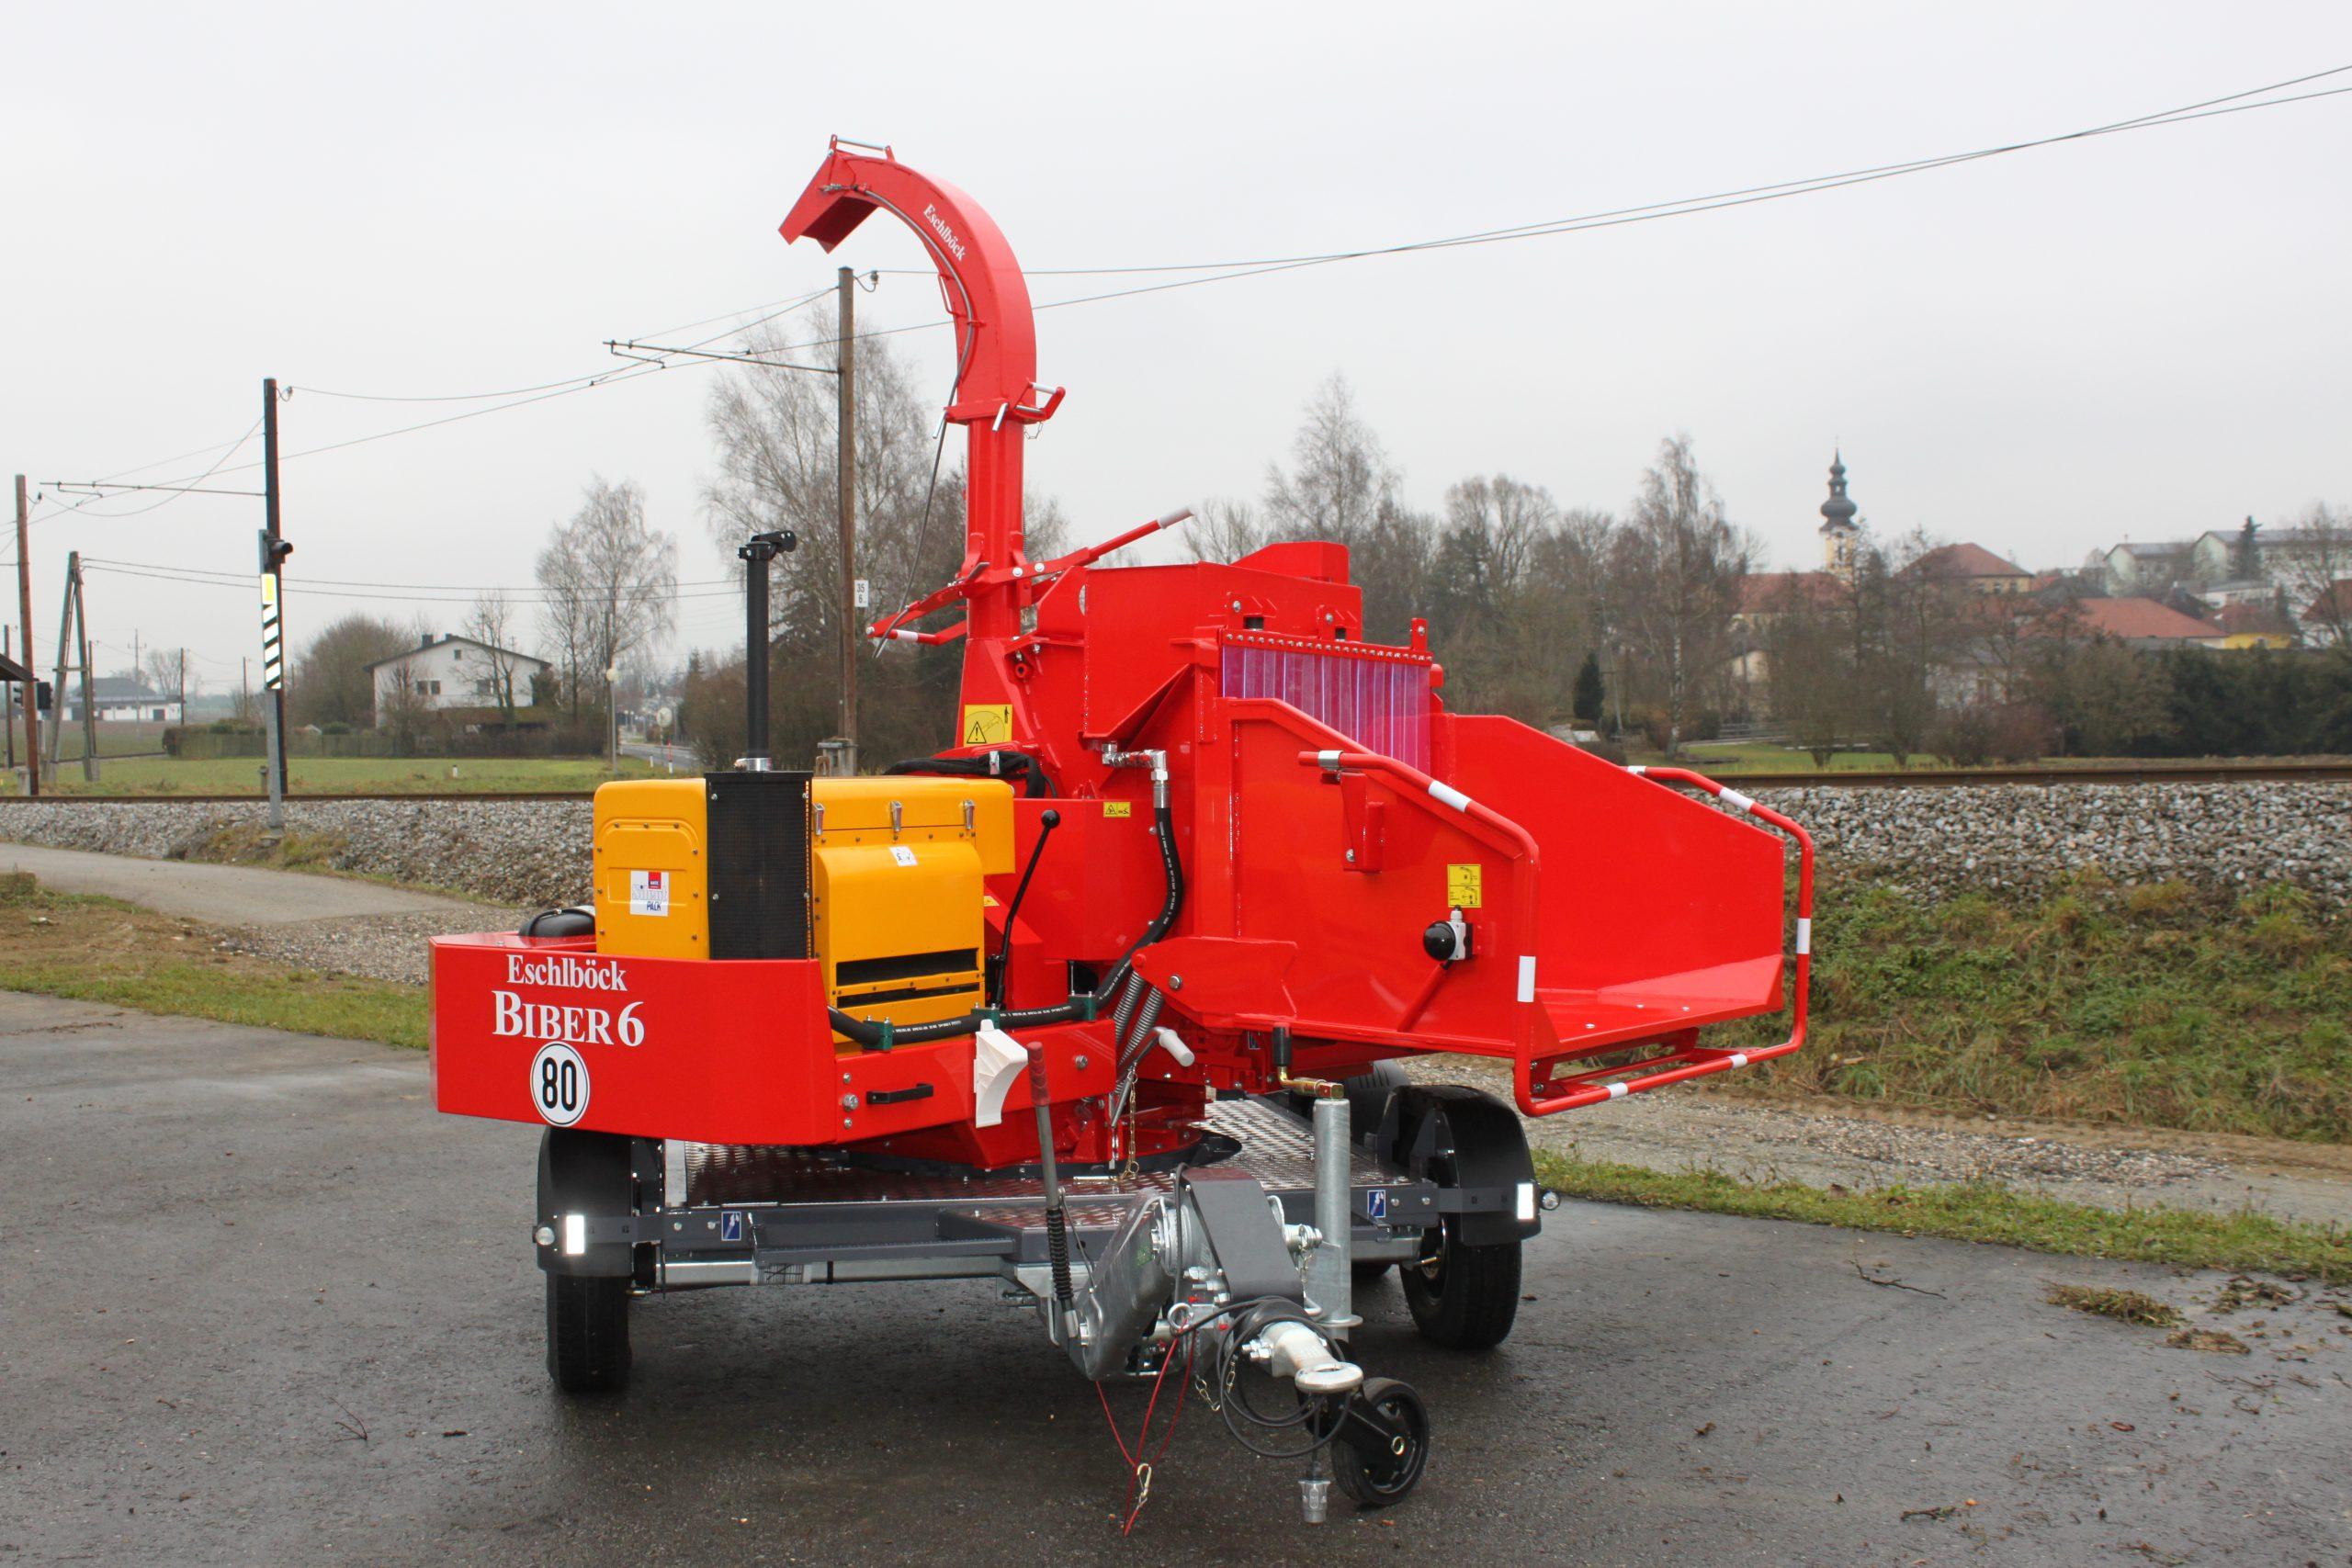 Eschlböck Biber 6 Holzhackmaschine